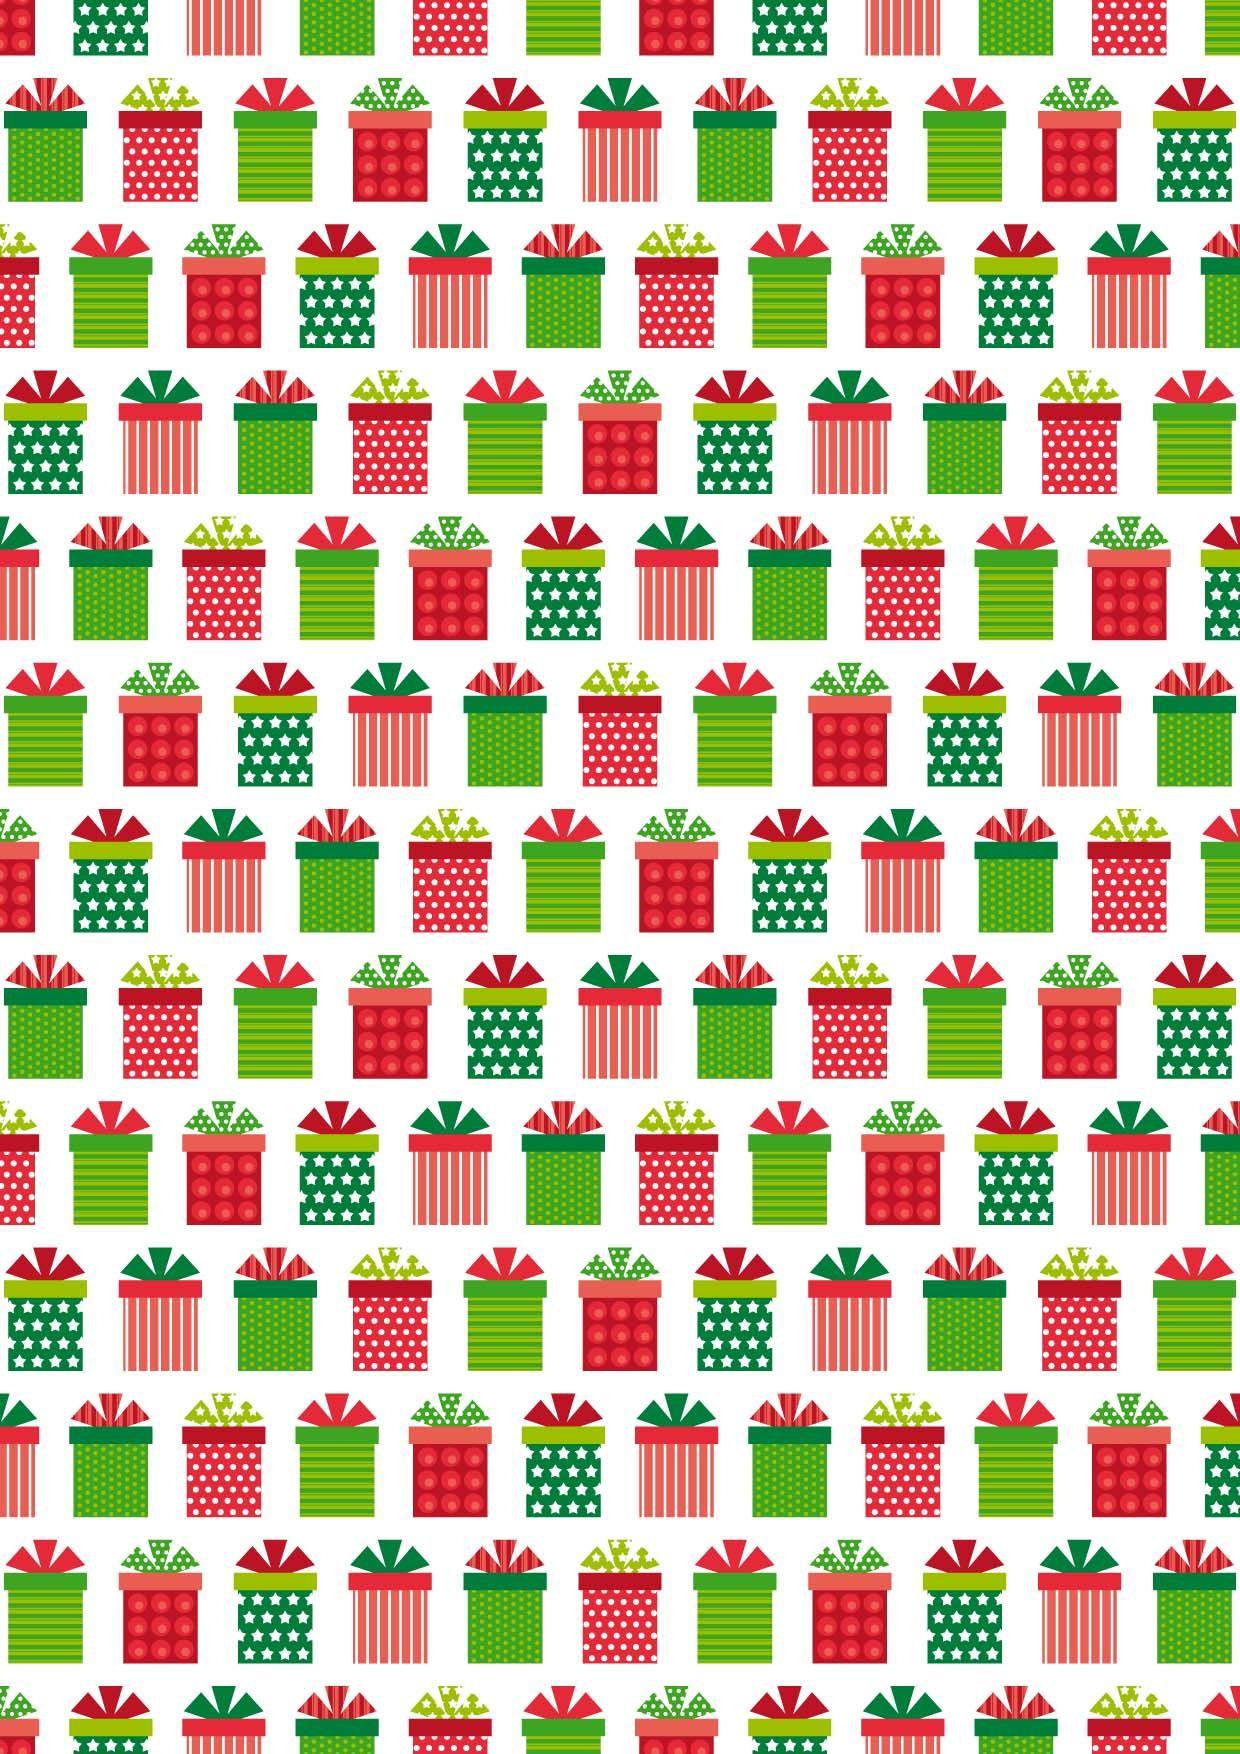 Karácsonyi papírok | www.papirmuhely.hu | Prints & patterns ...